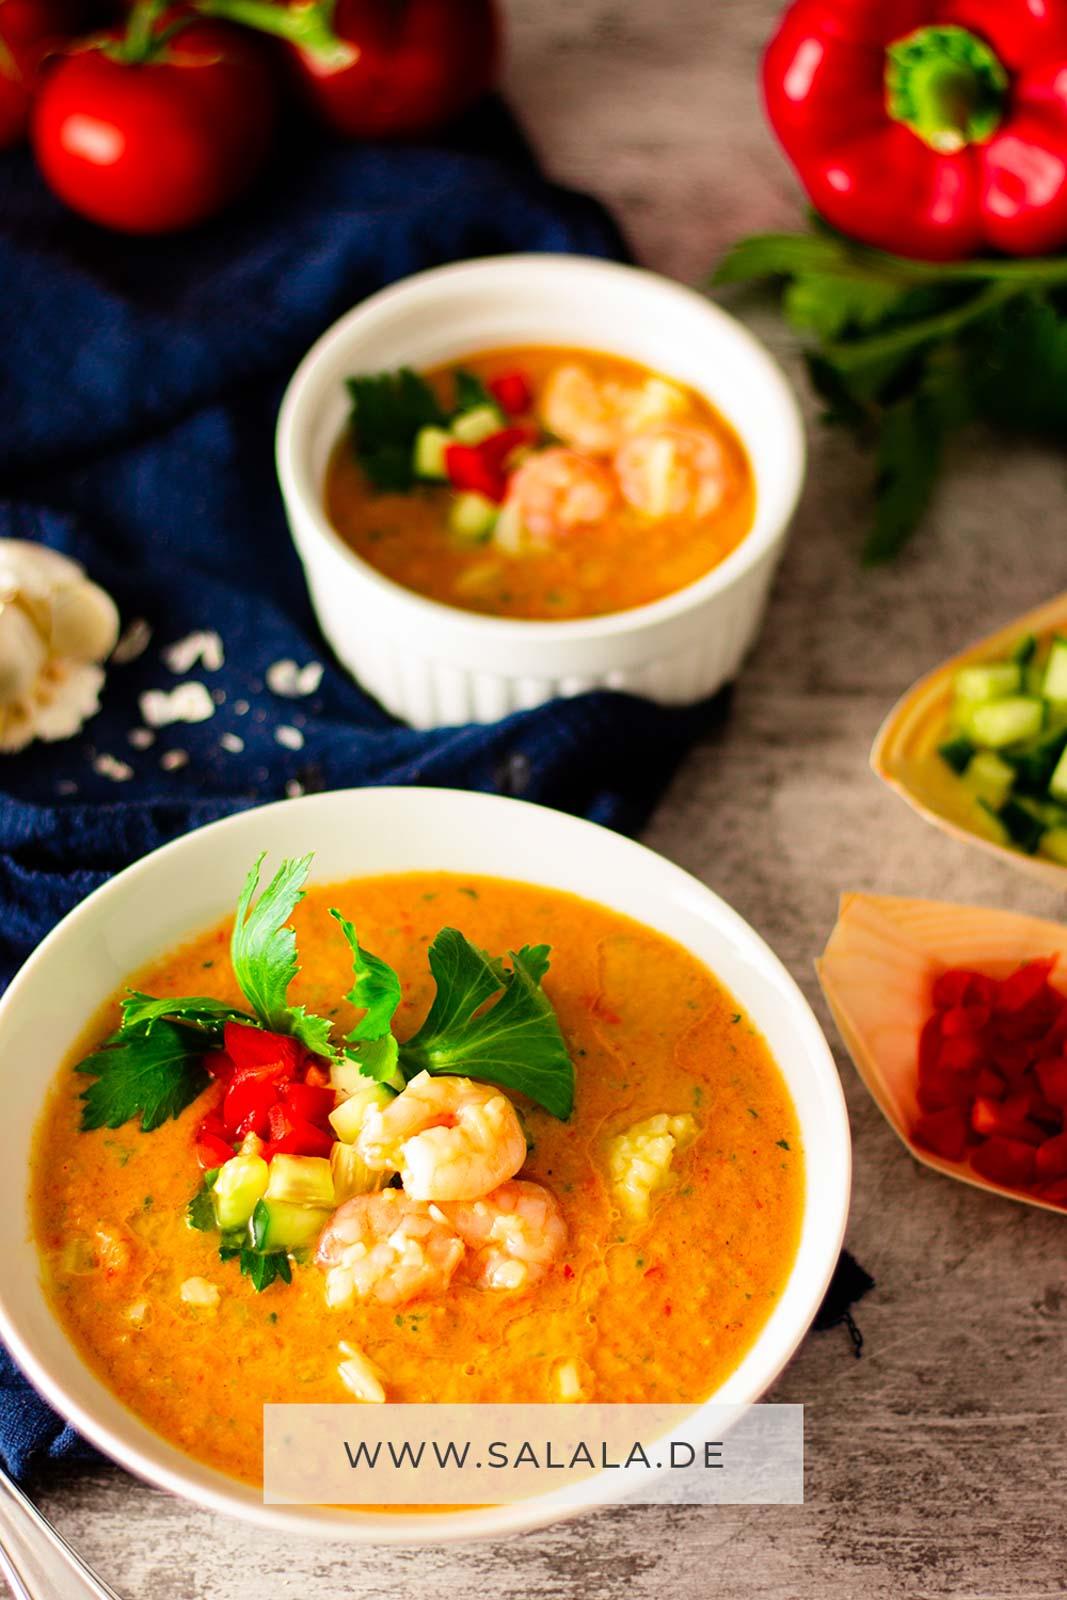 Bei den Temperaturen da draußen bleibt der Herd auch in der Low Carb Küche kalt. Deswegen machen wir Gazpacho, oder wie die Portugiesen sagen: Gaspacho. Bei uns heißt das einfach nur kalte Tomatensuppe. Aber egal wie du das Rezept nennst, wir finden das Ergebnis super lecker und perfekt für die sommerliche Low Cab Küche. #Gazpacho #Gaspacho #Tomatensuppe #kalteSuppe #kalteGemüsesuppe #kalteTomatensuppe #LowCarbRezepte #LowCab #Sommerrezepte